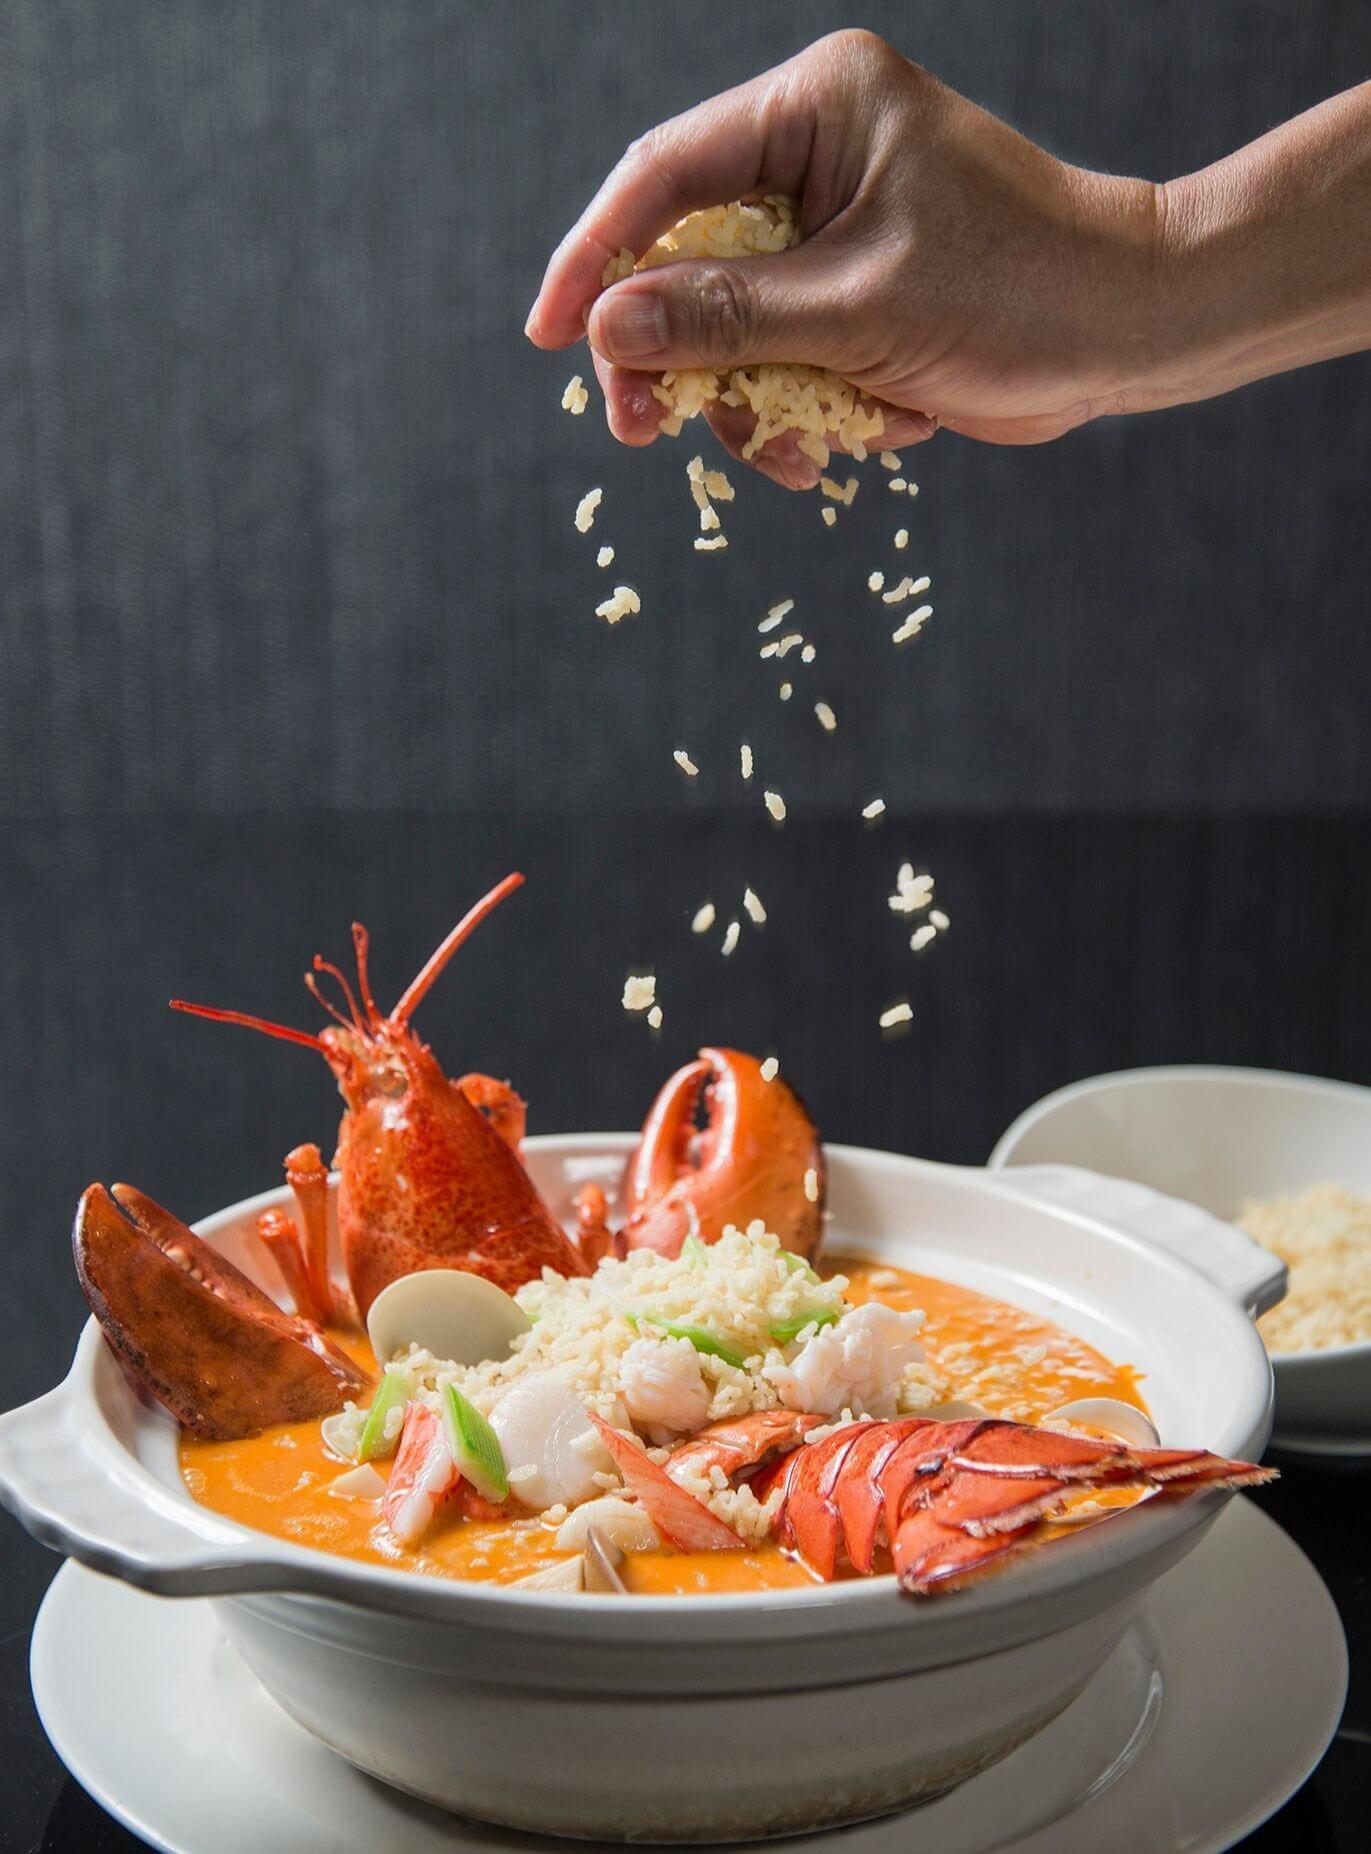 龍蝦海鮮湯泡飯,每份1680元起。 (圖/台南晶英酒店提供)